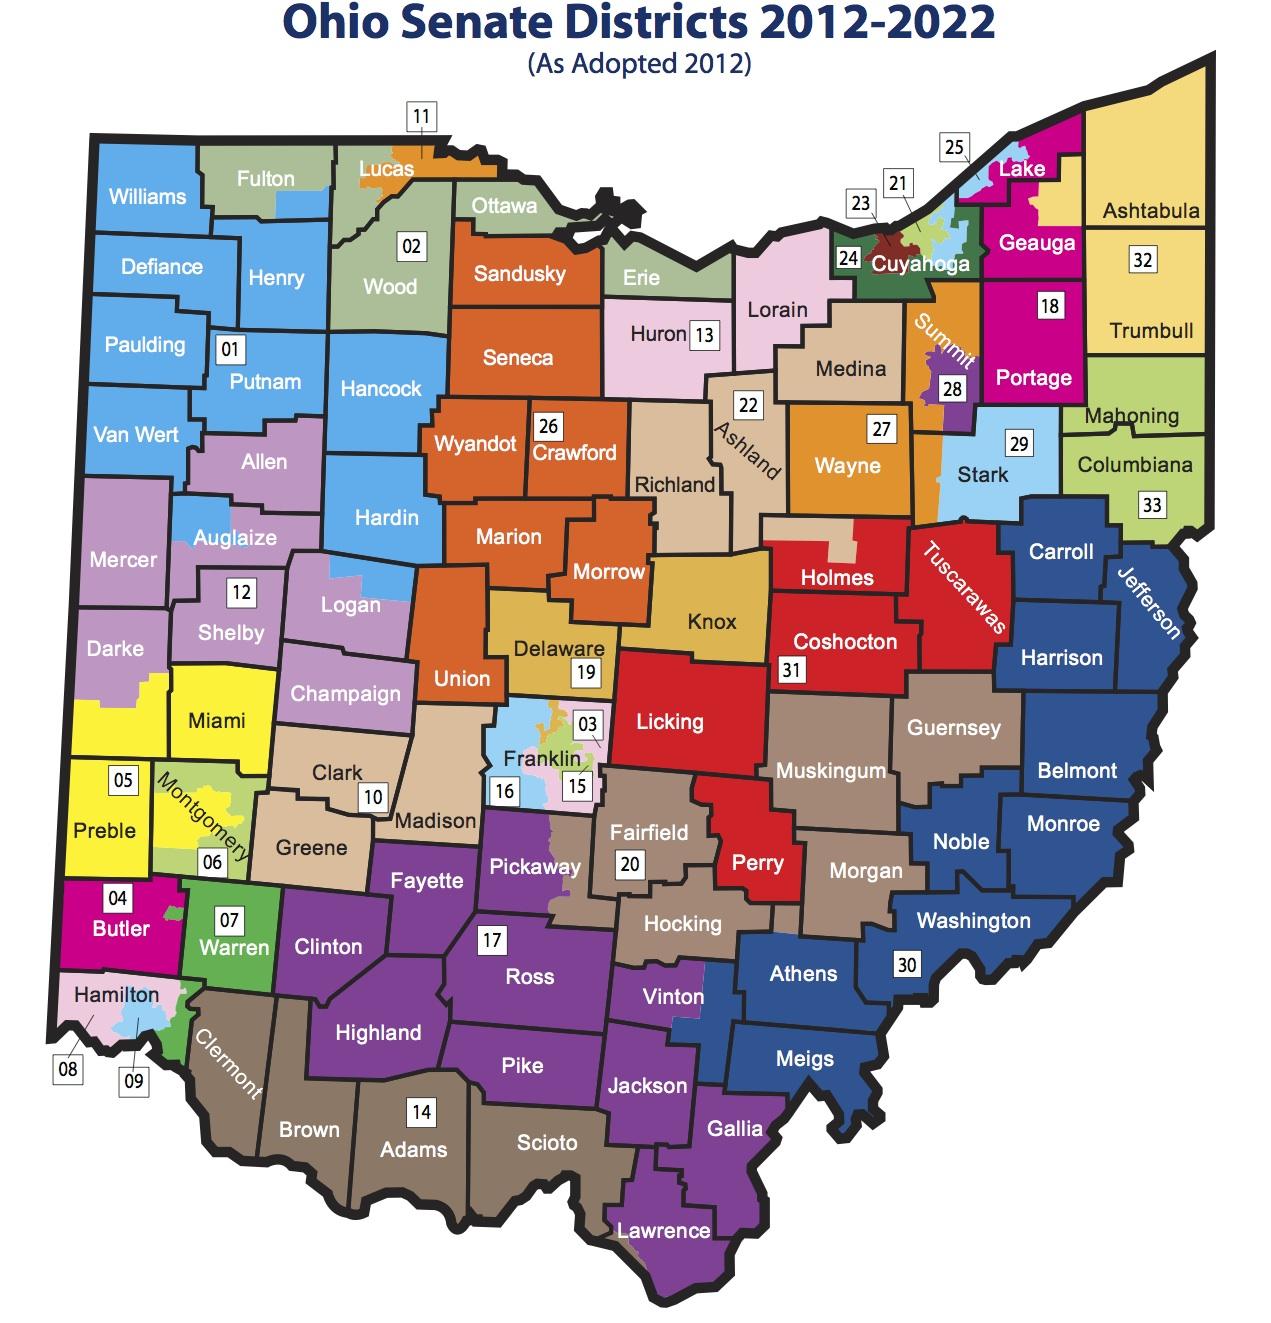 Ohio Senate Map 2